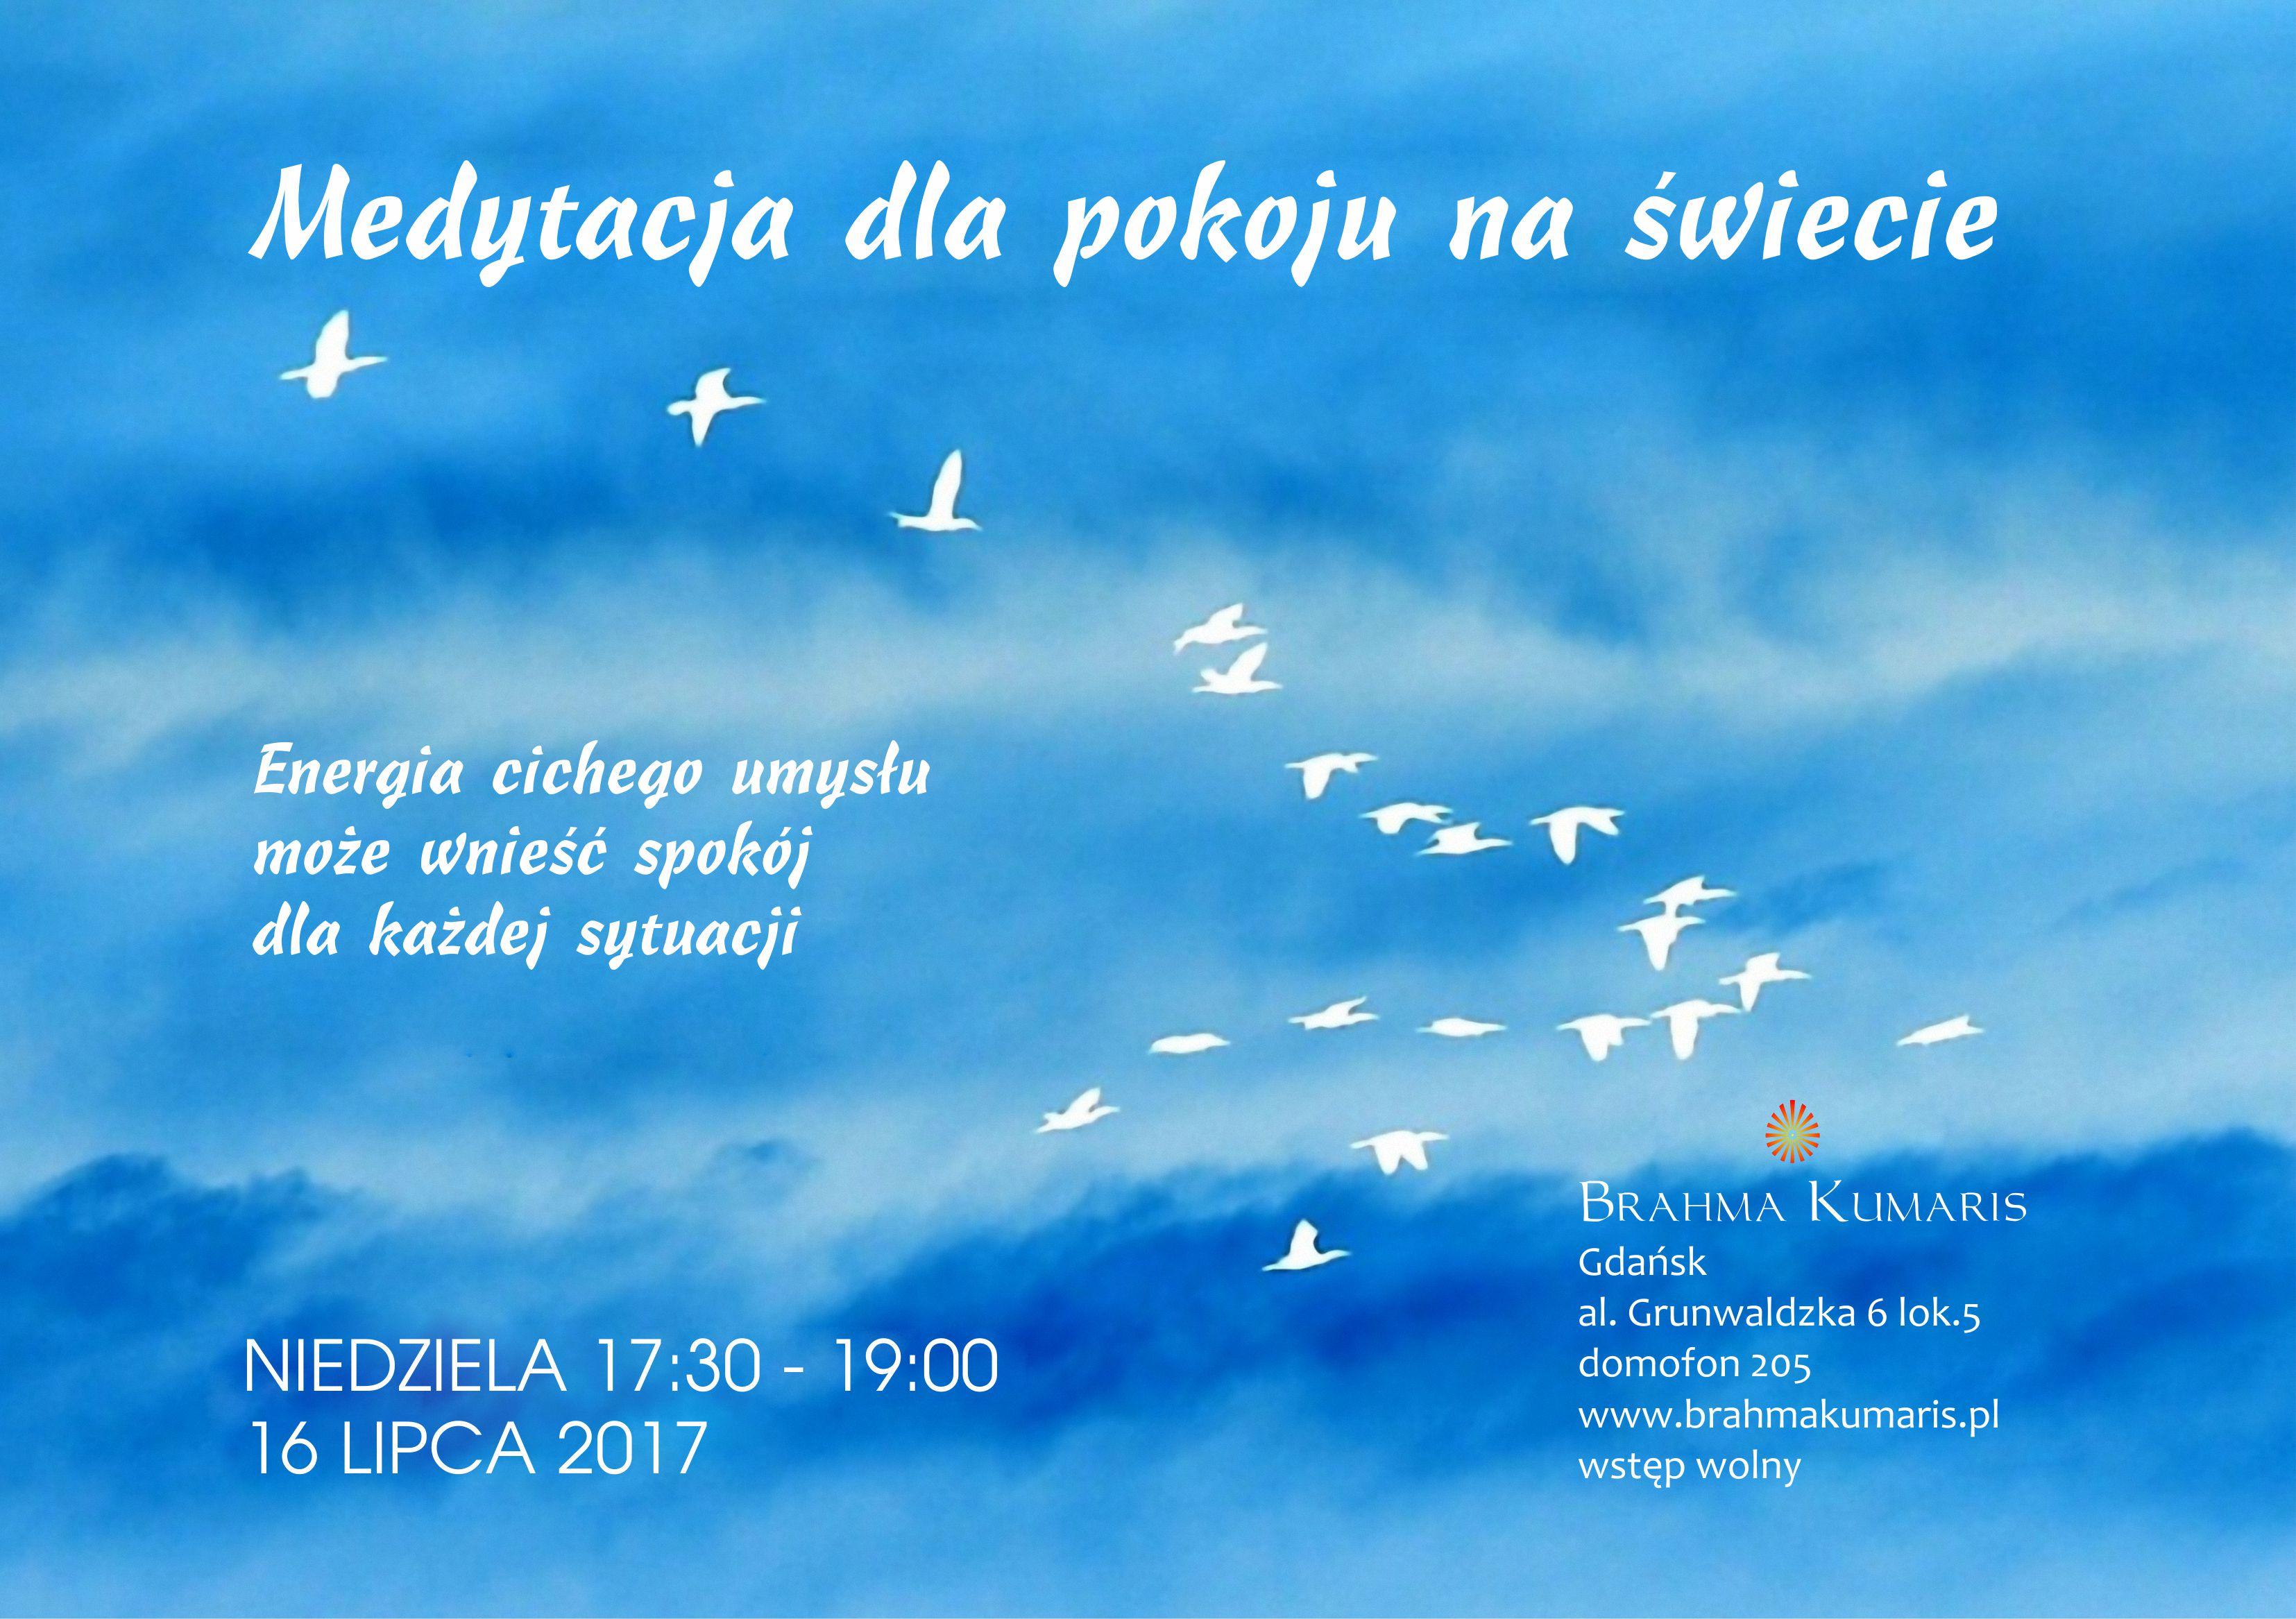 Medytacja dla pokoju na świecie w Gdańsku @ Ośrodek Brahma Kumaris w Gdańsku